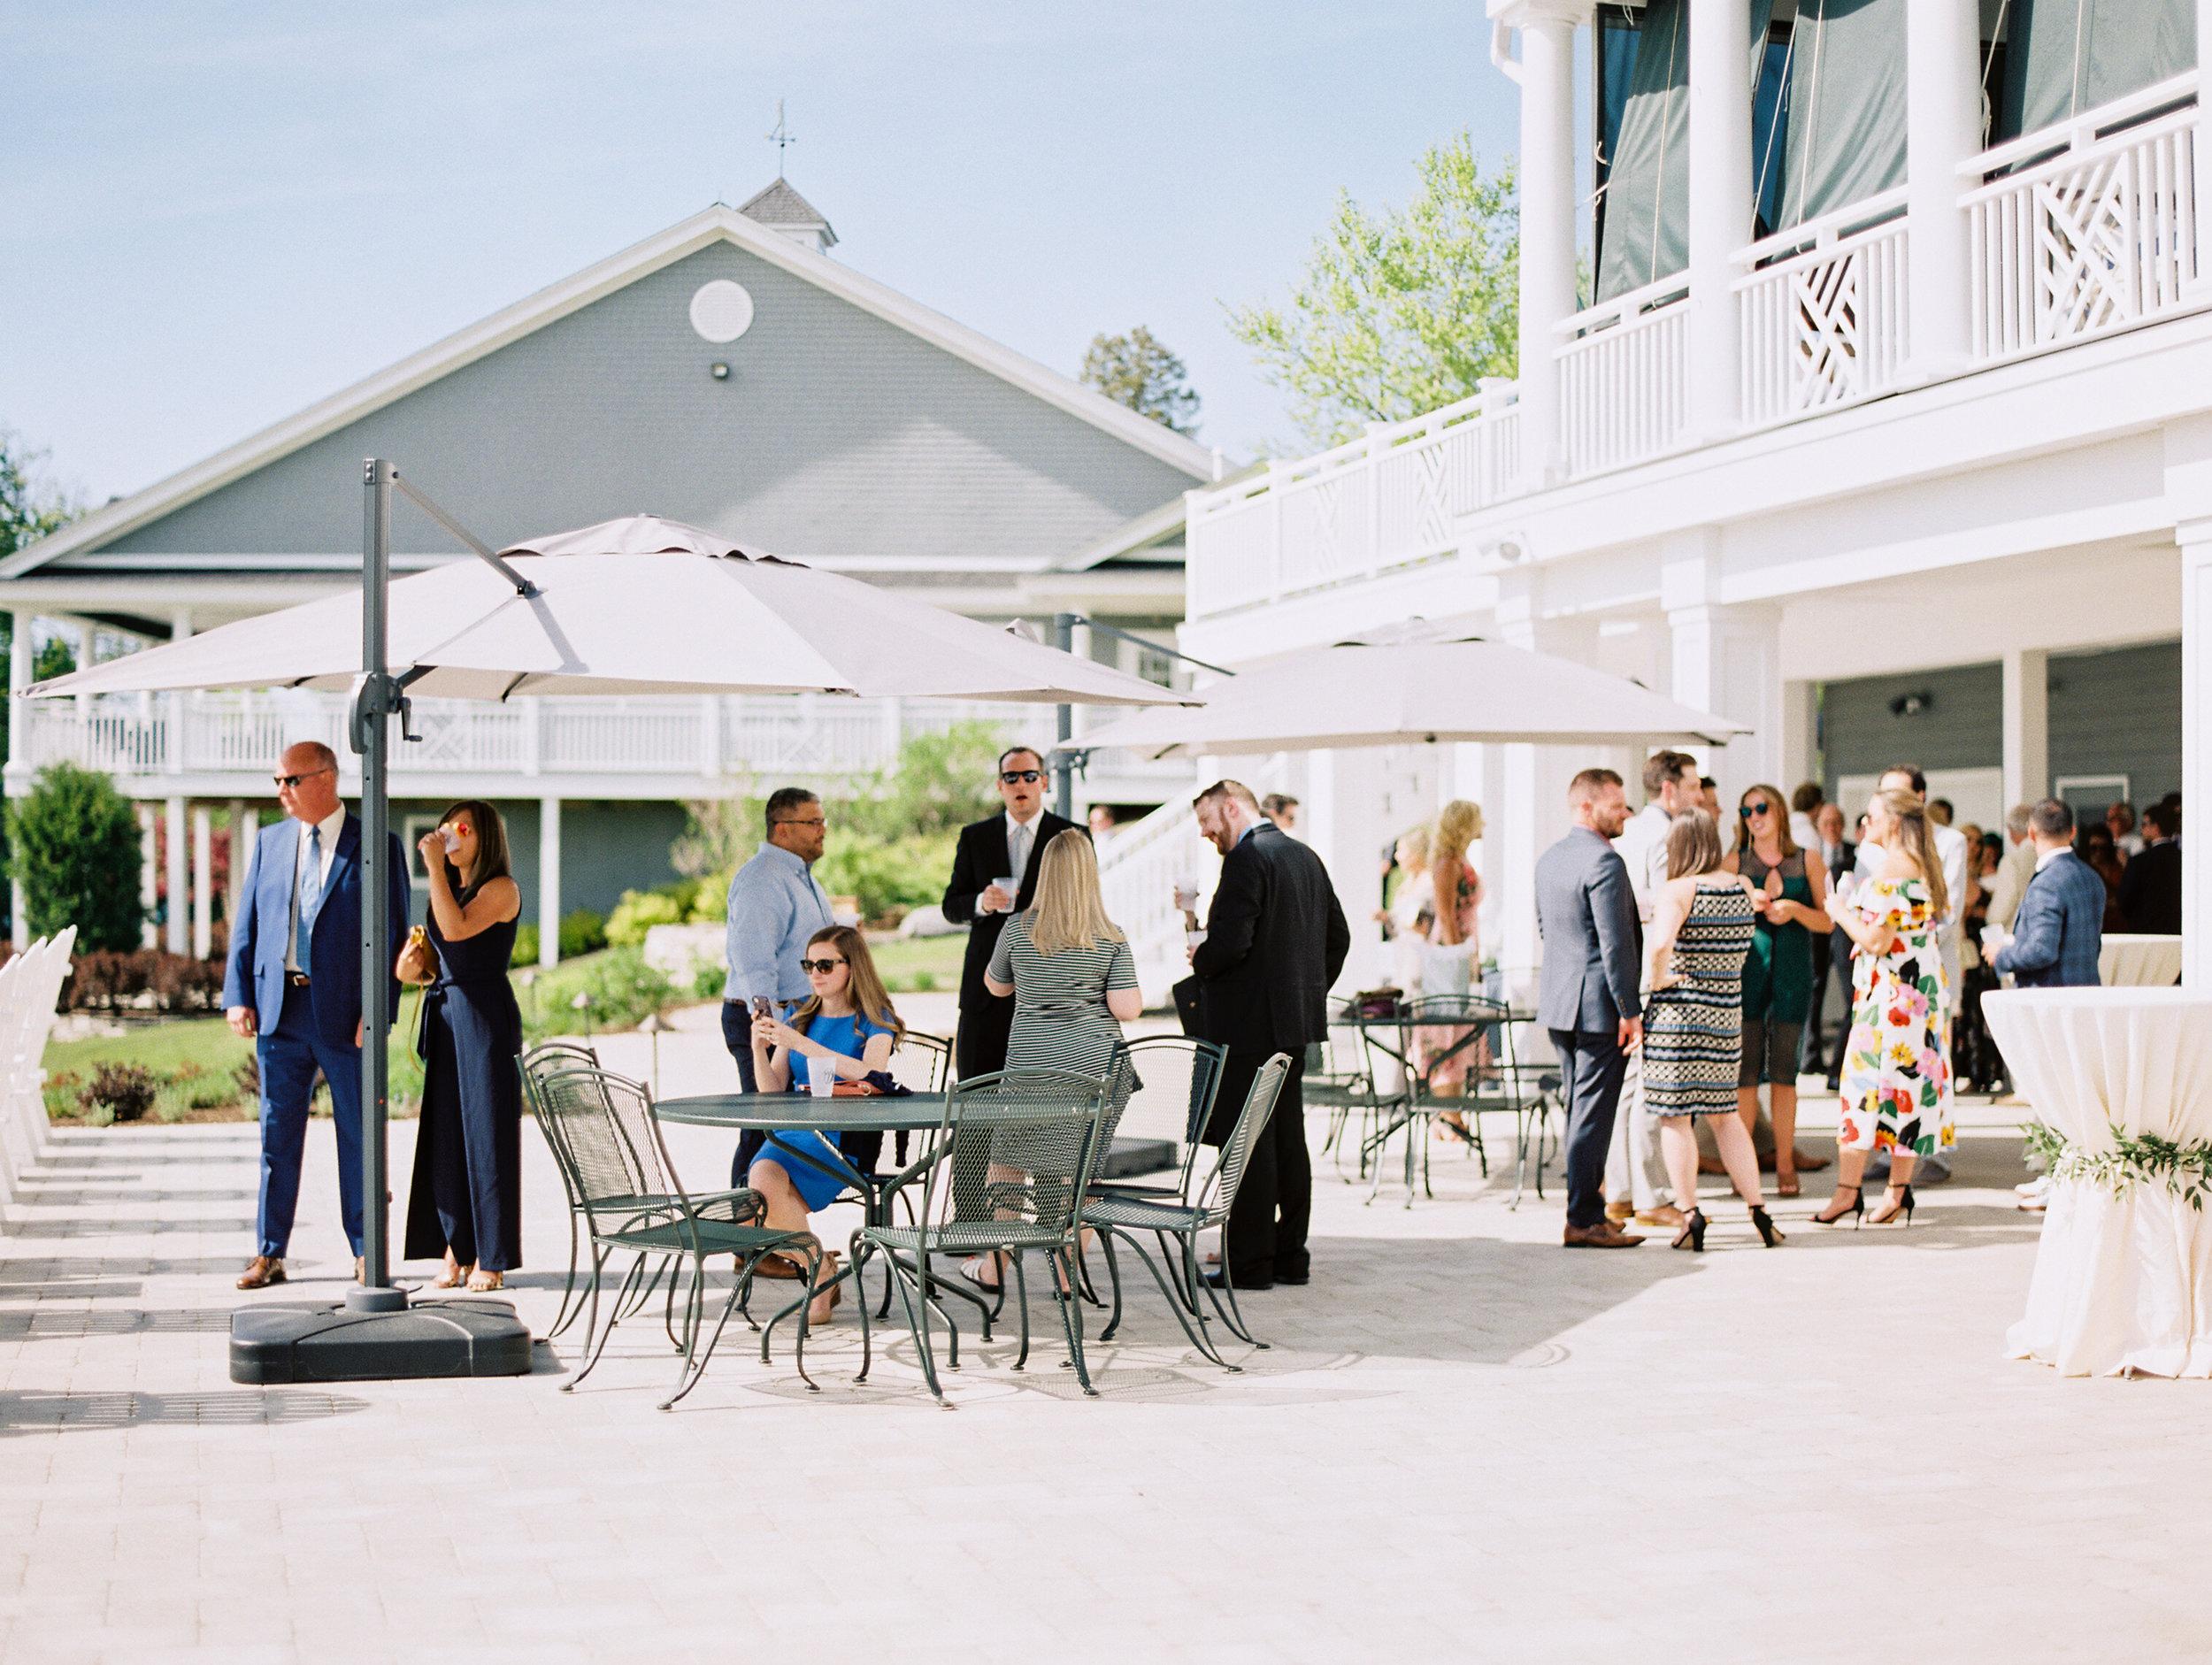 DeGuilio+Wedding+Reception+CocktailHourf-8.jpg